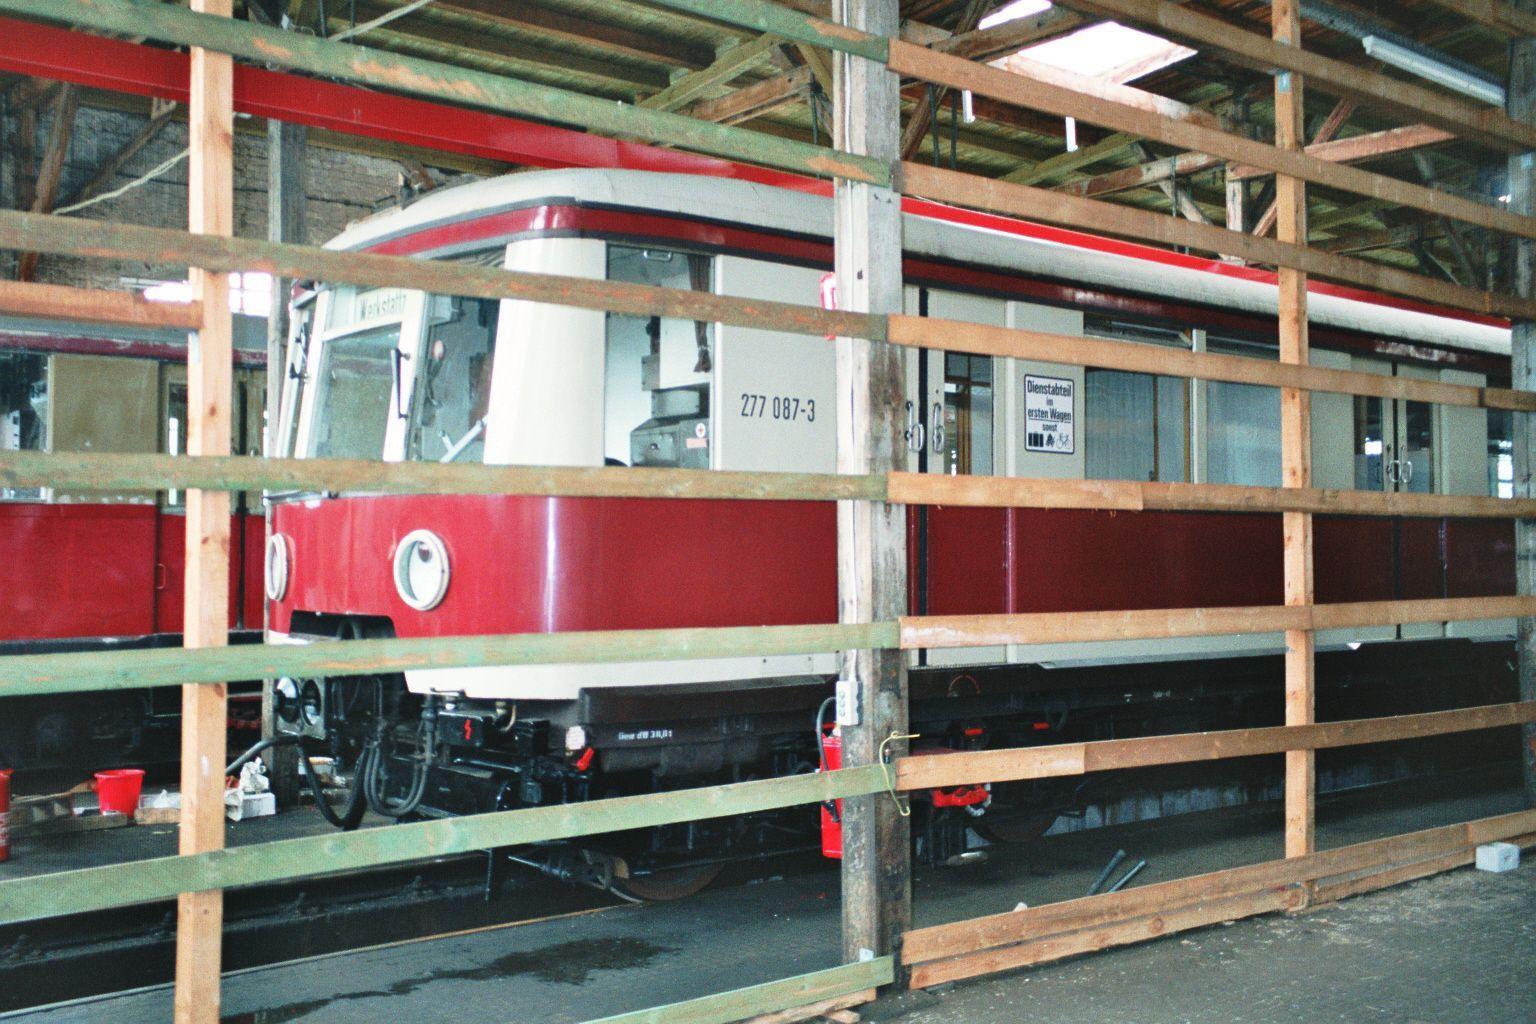 S-Bahn 277 087, Bauart 1938/1941, ex 167 072, Baureihe 167, Hundekehle, 1994